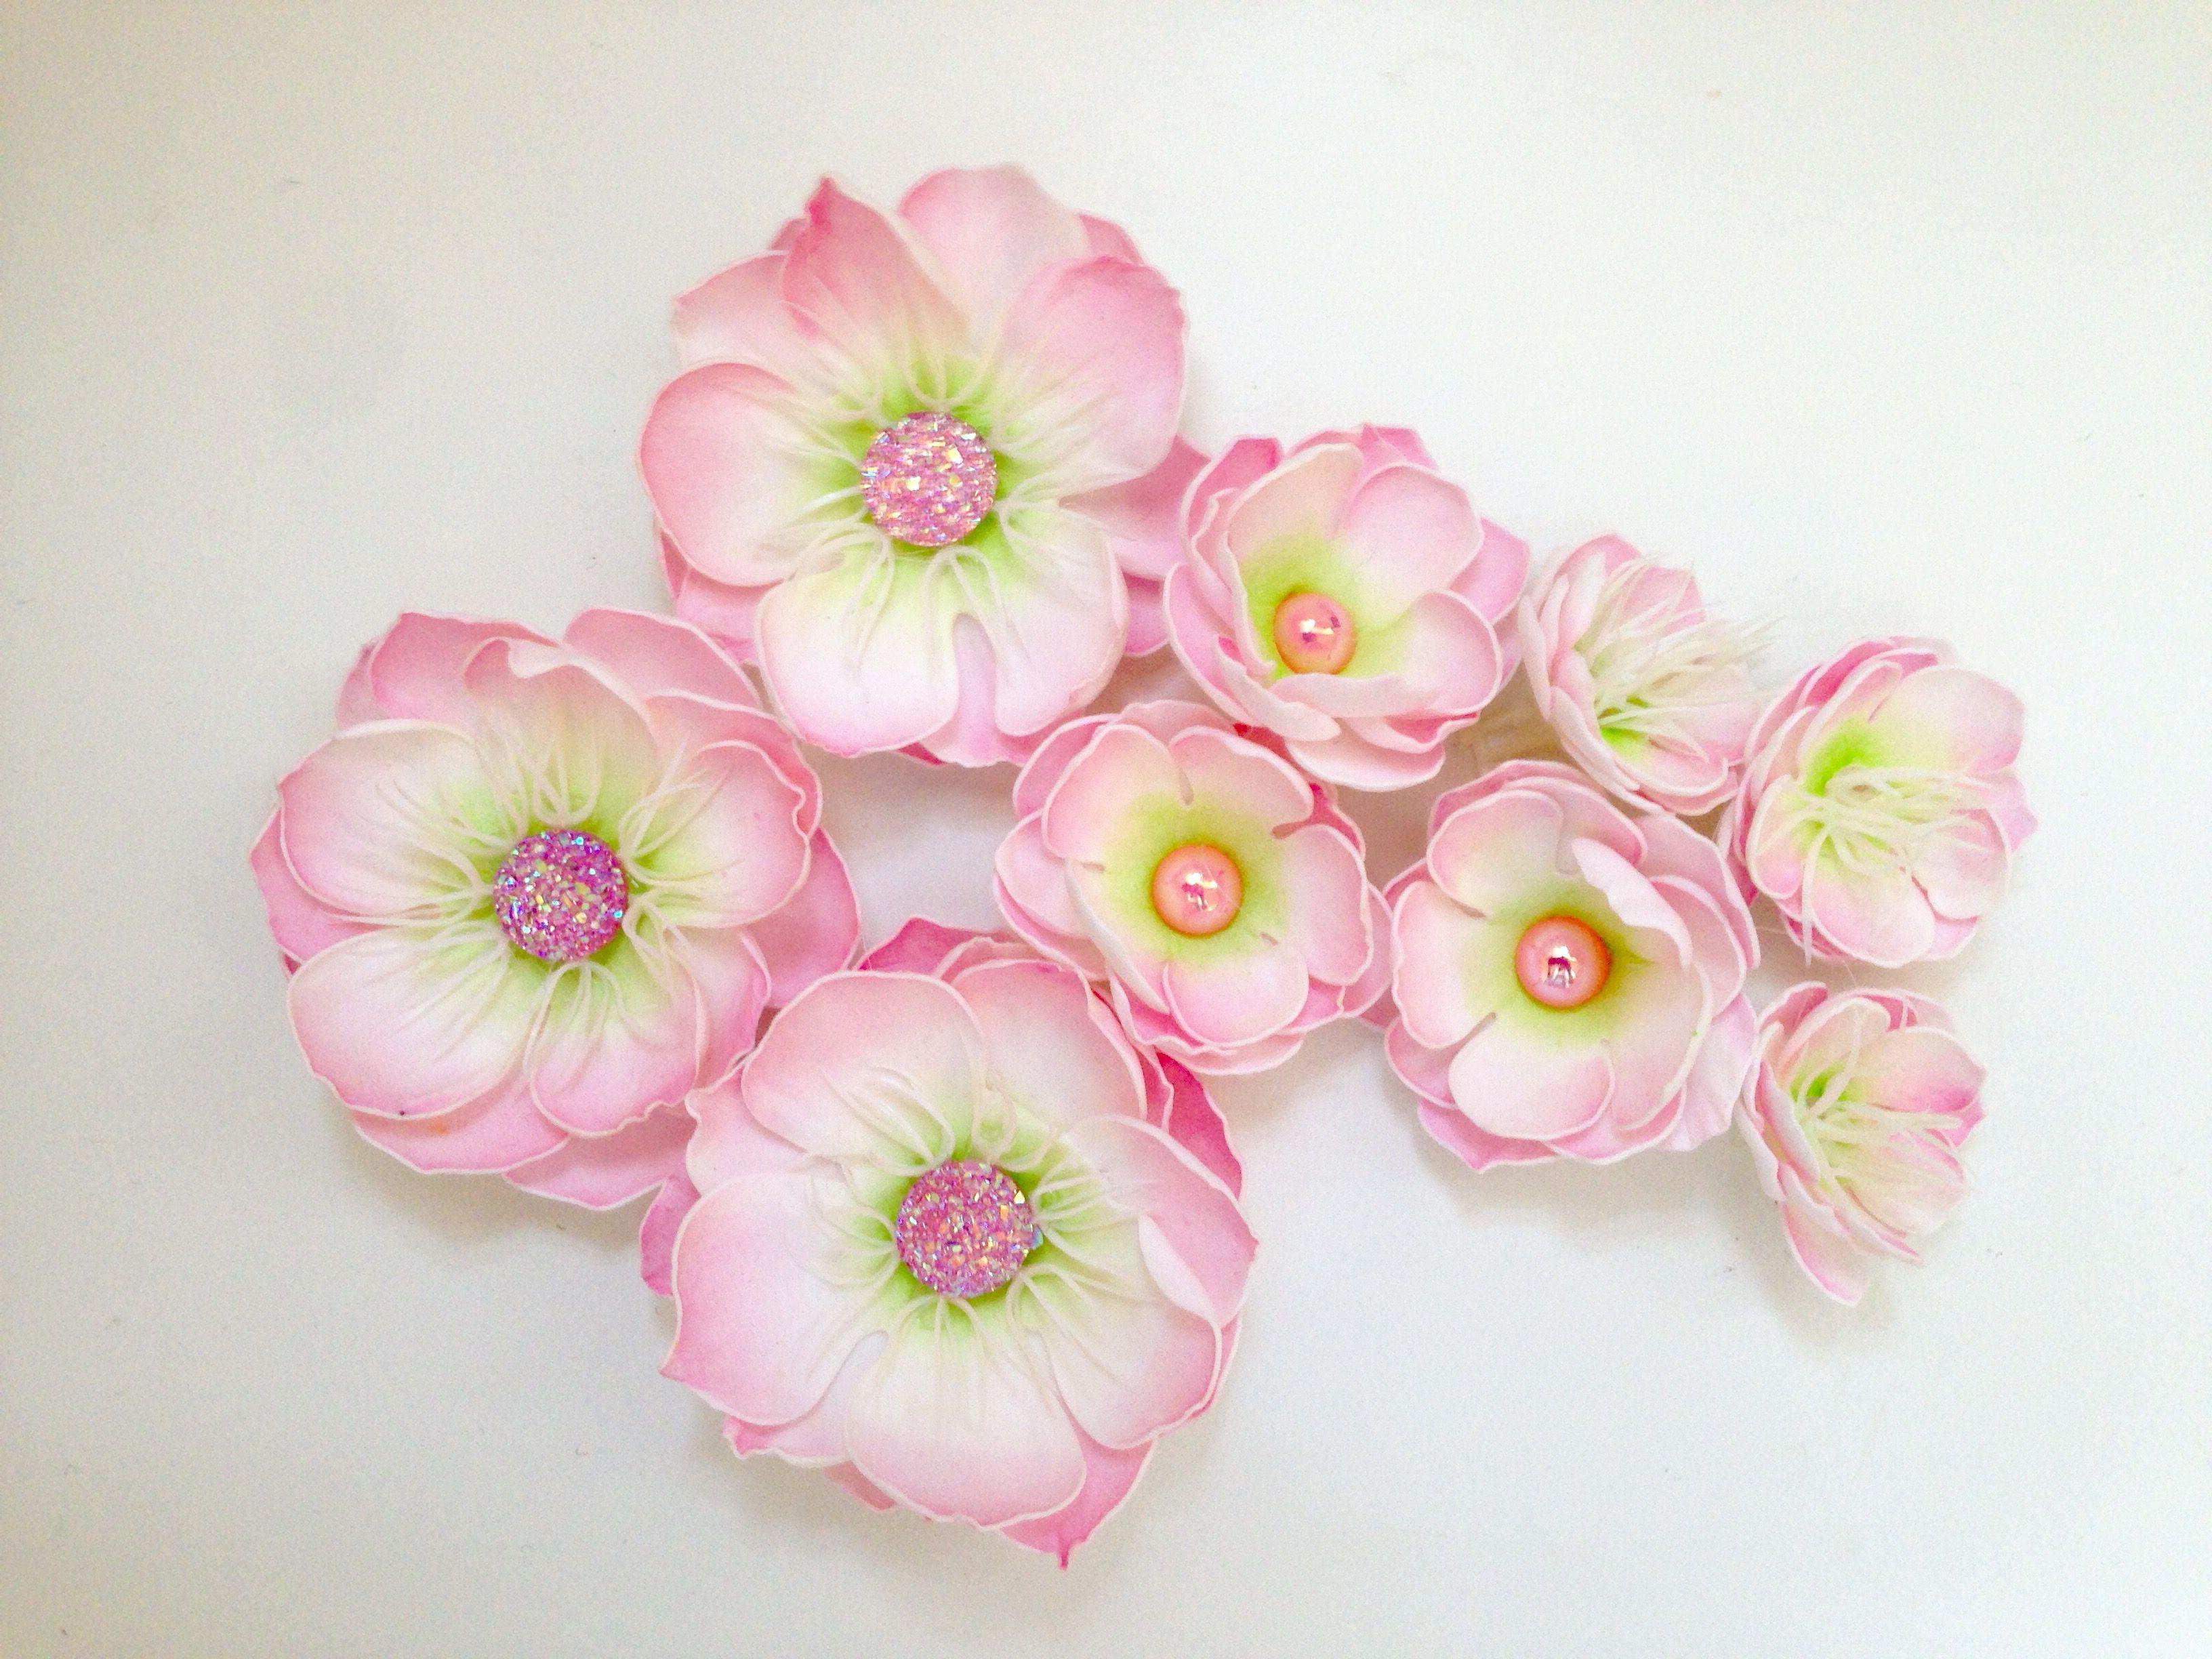 Handmade foamiran flowers